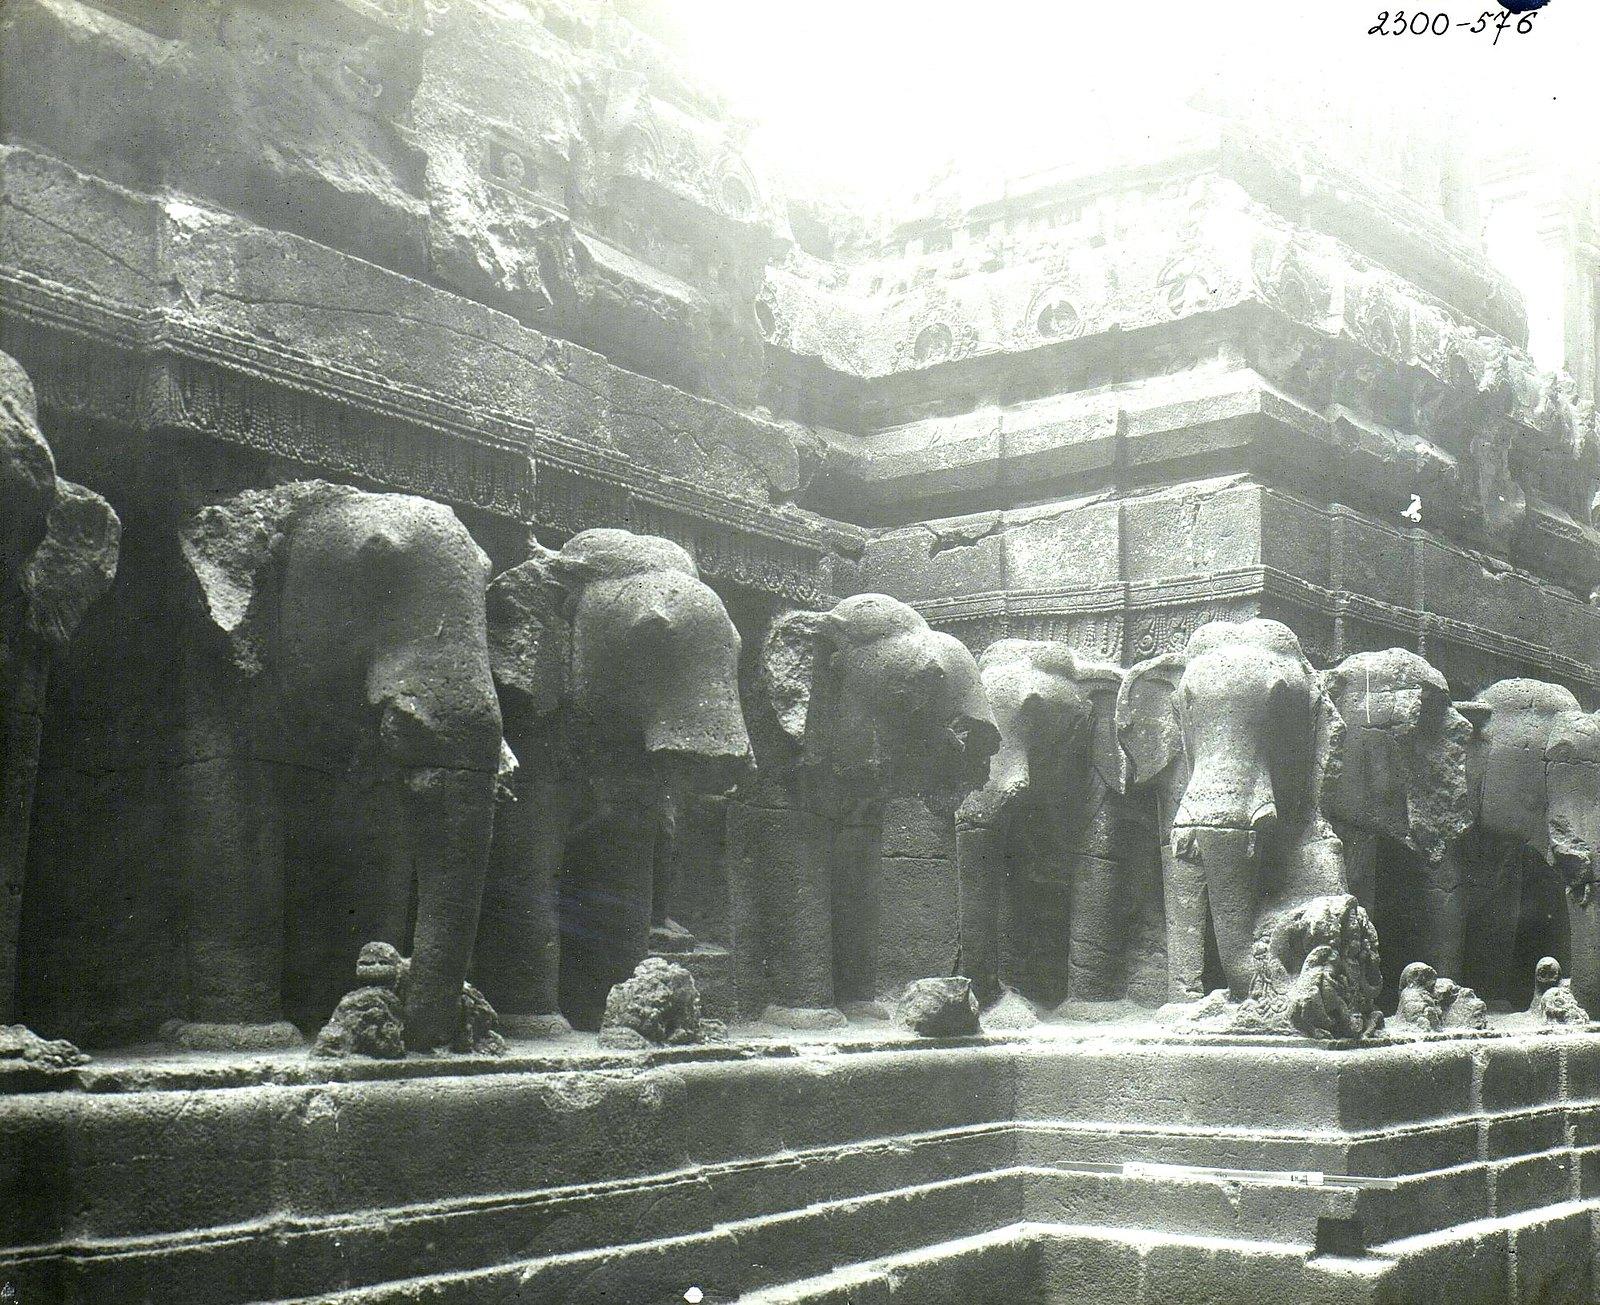 Храм Кайласа в Эллоре (деталь рельефа со слонами) (7)